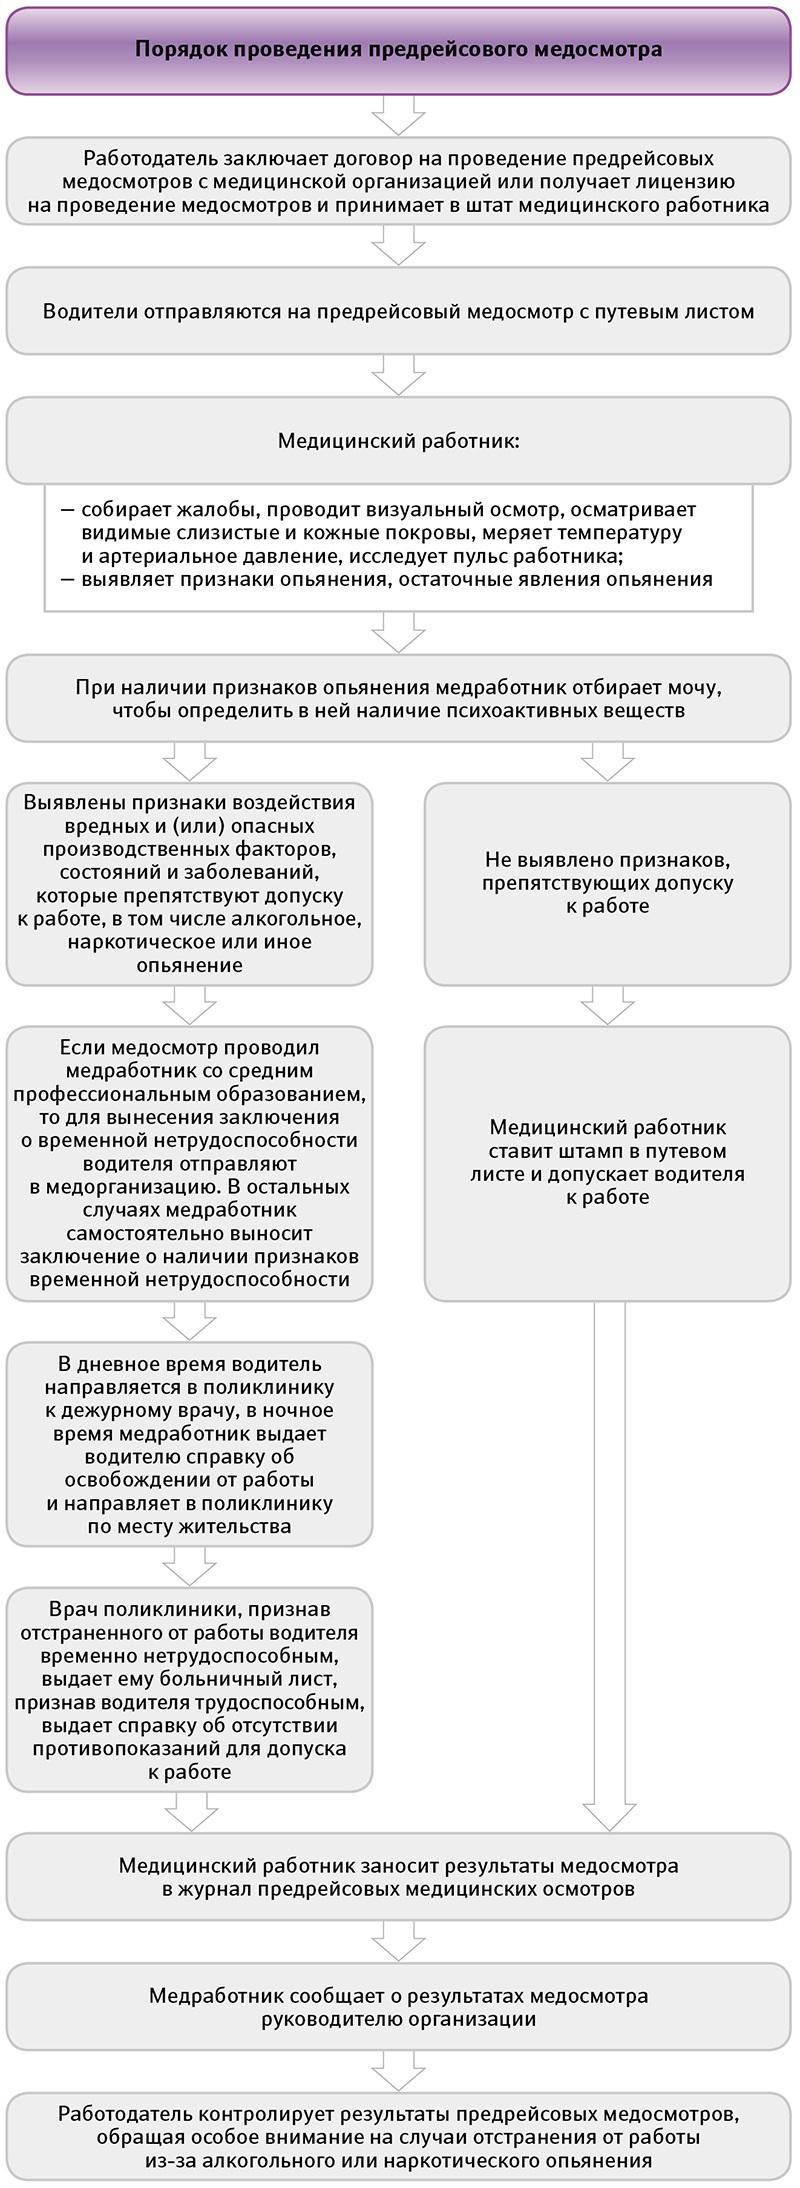 tsel-predreysovih-meditsinskih-osmotrov